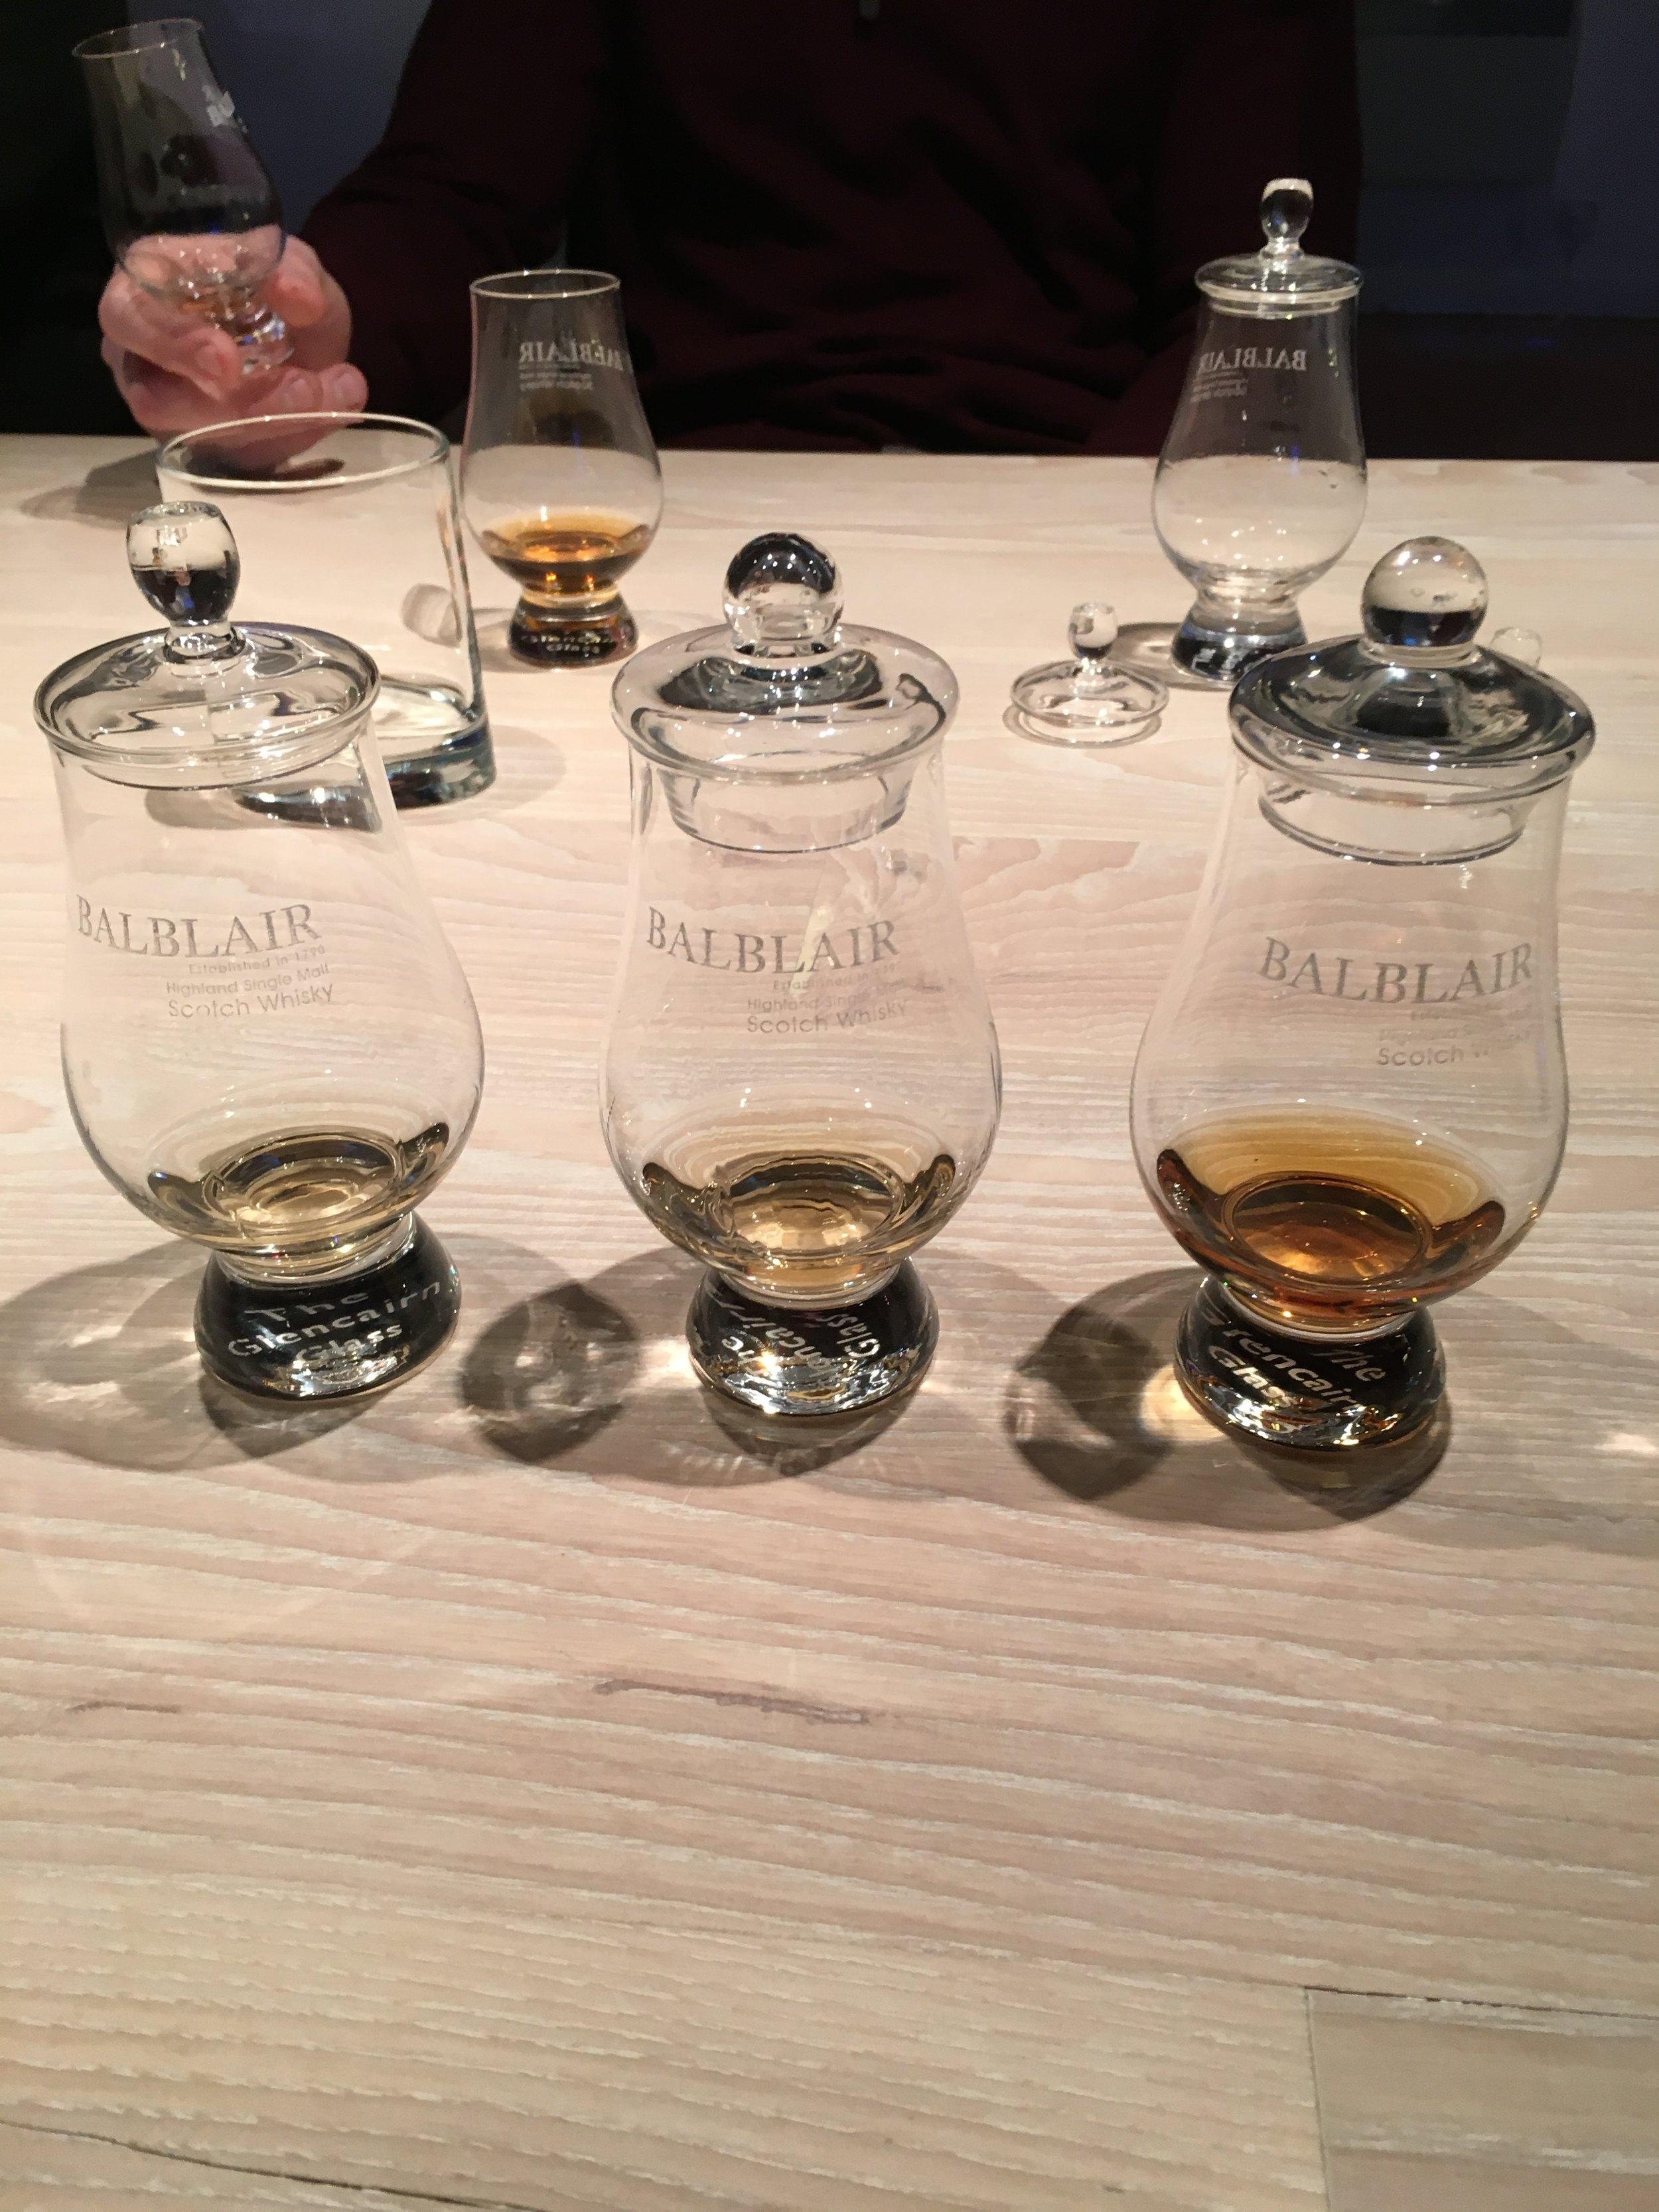 Tasting at Balblair Distillery 2017